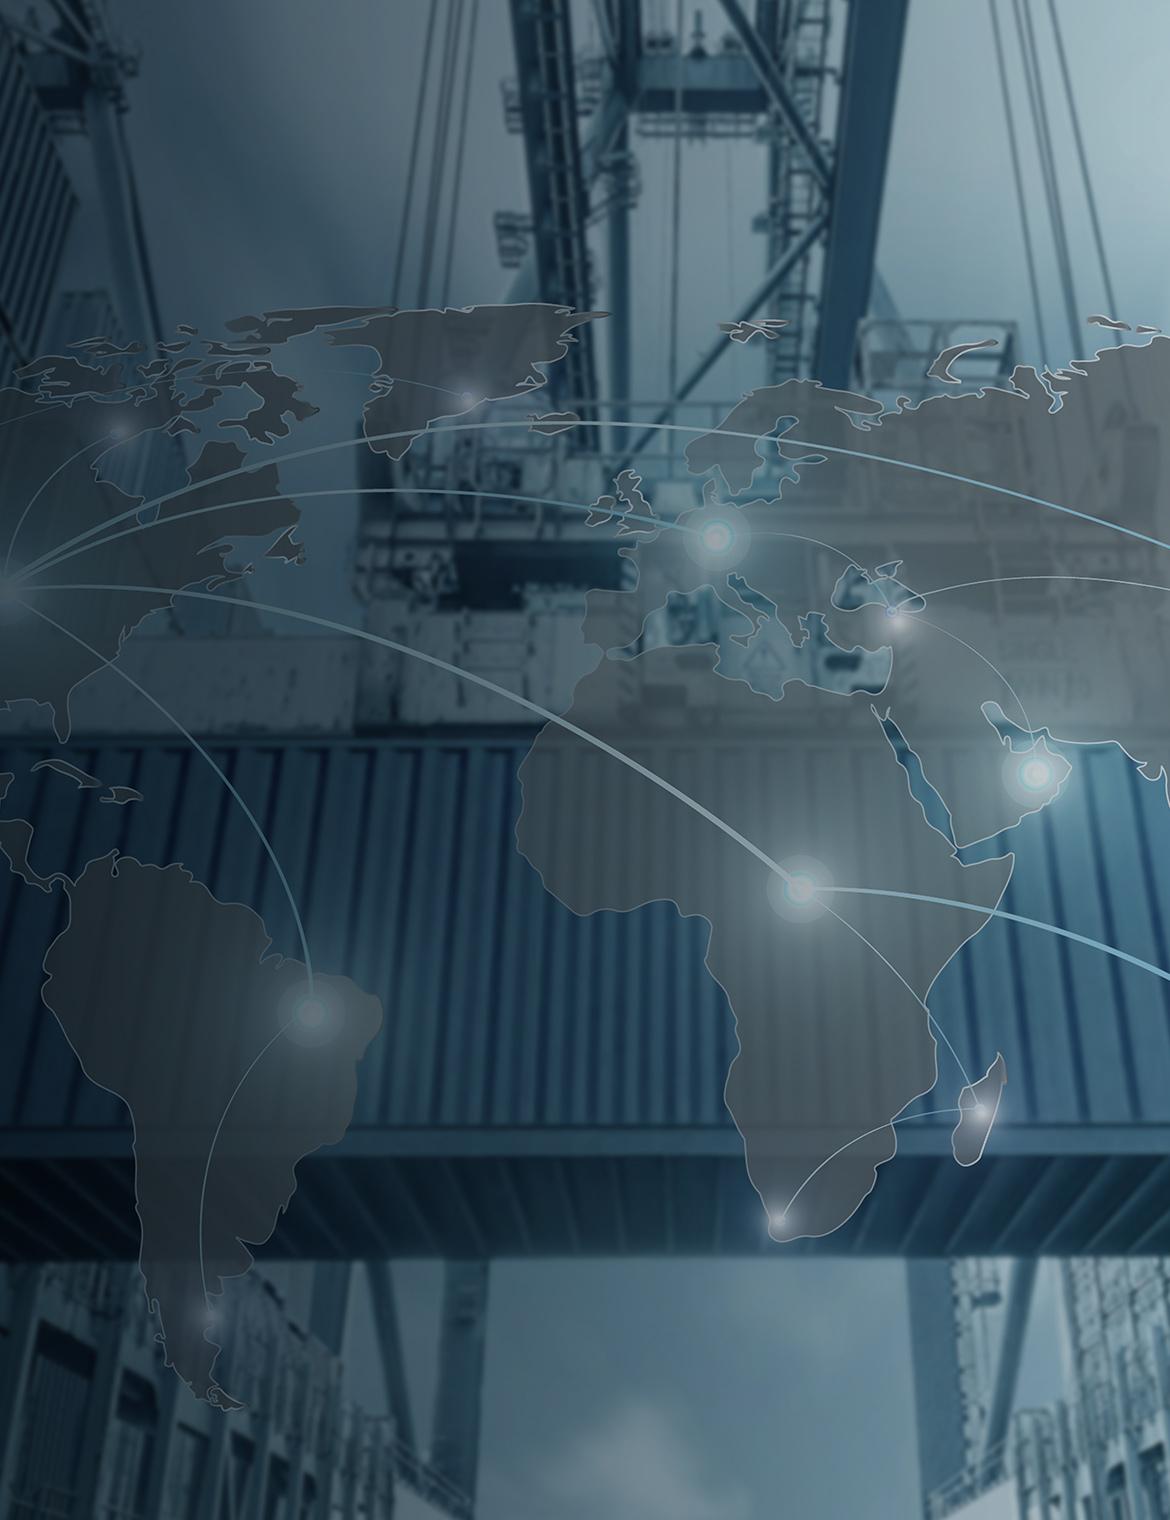 Vernetzte Kontinente als Symbol für Supply Chain Management und Logistik.